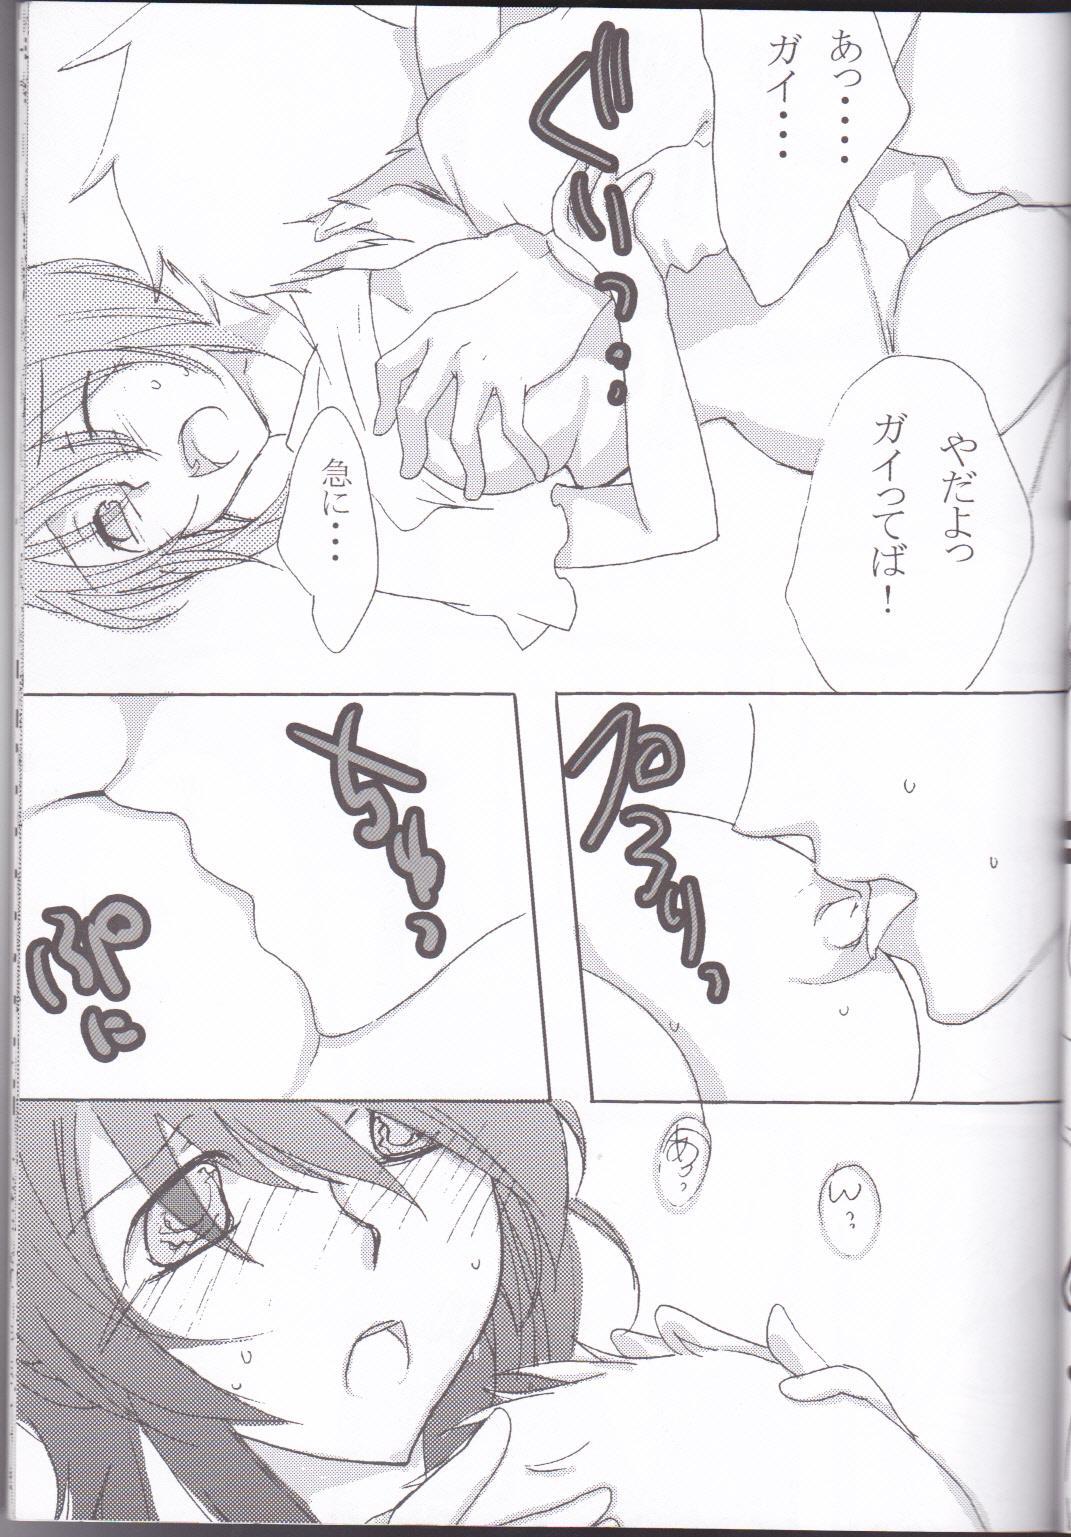 Rukuruku Shoukougun 16